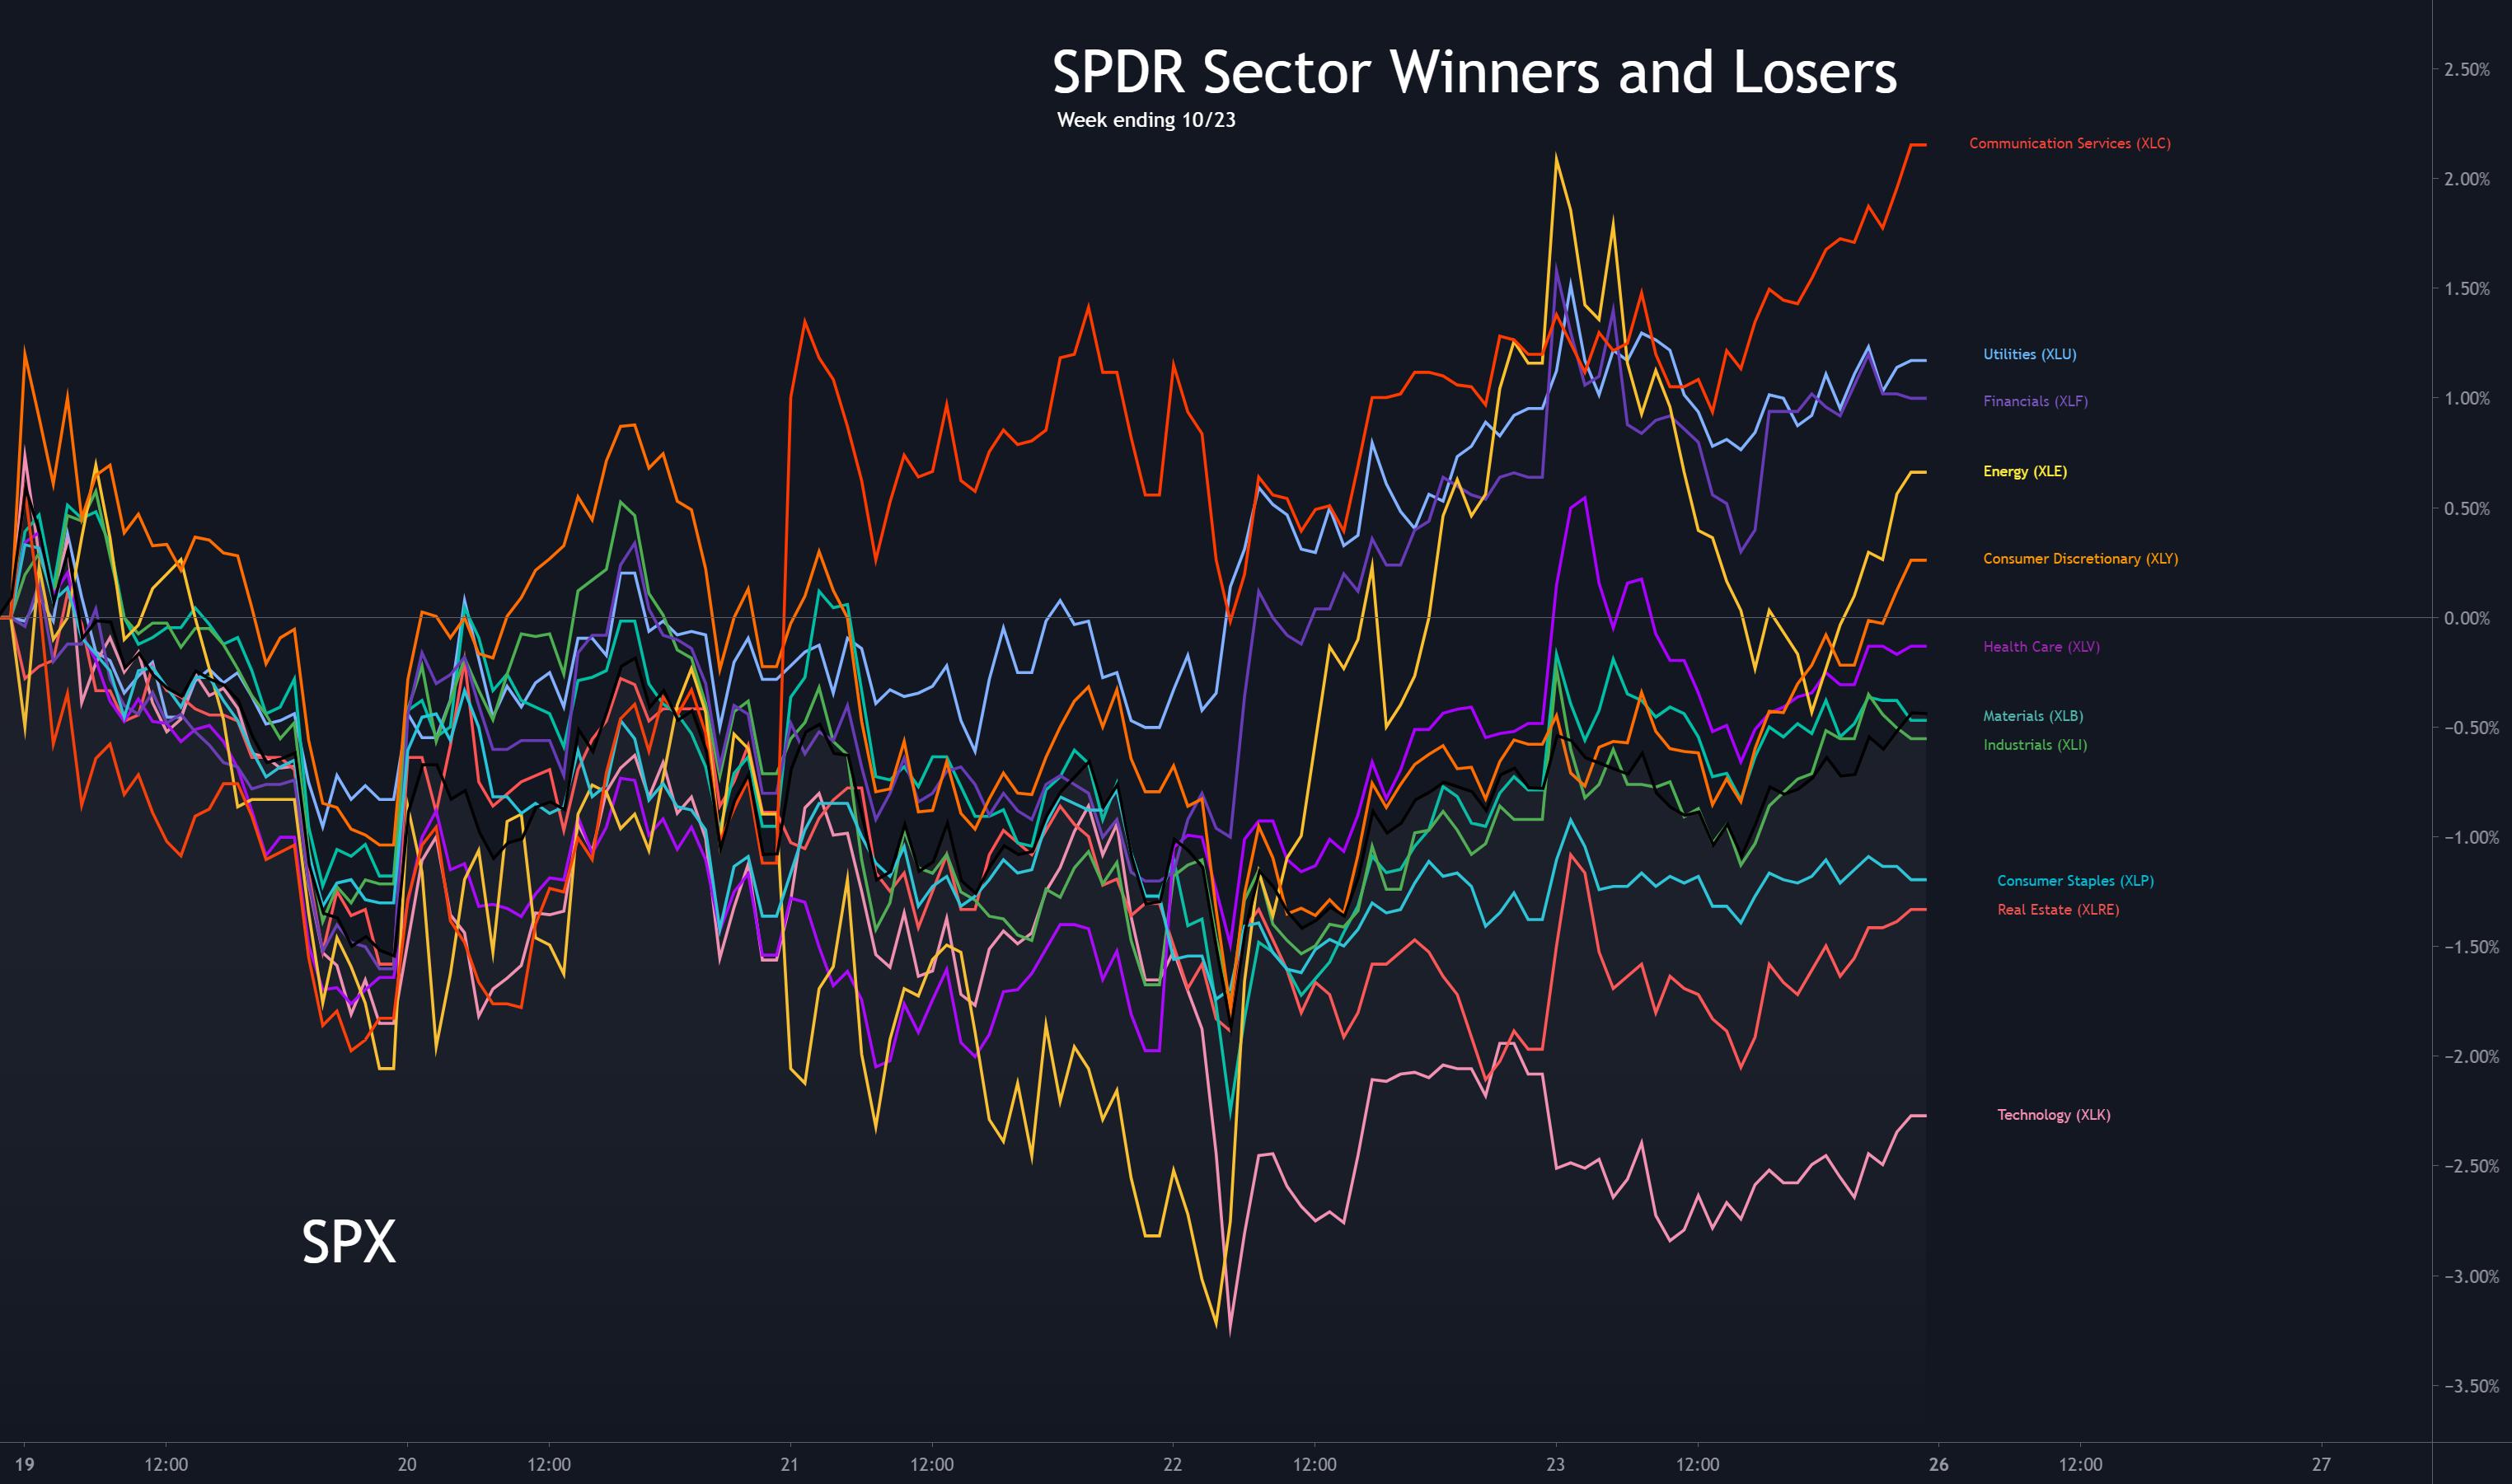 Sector Winners and Losers week ending 10/23